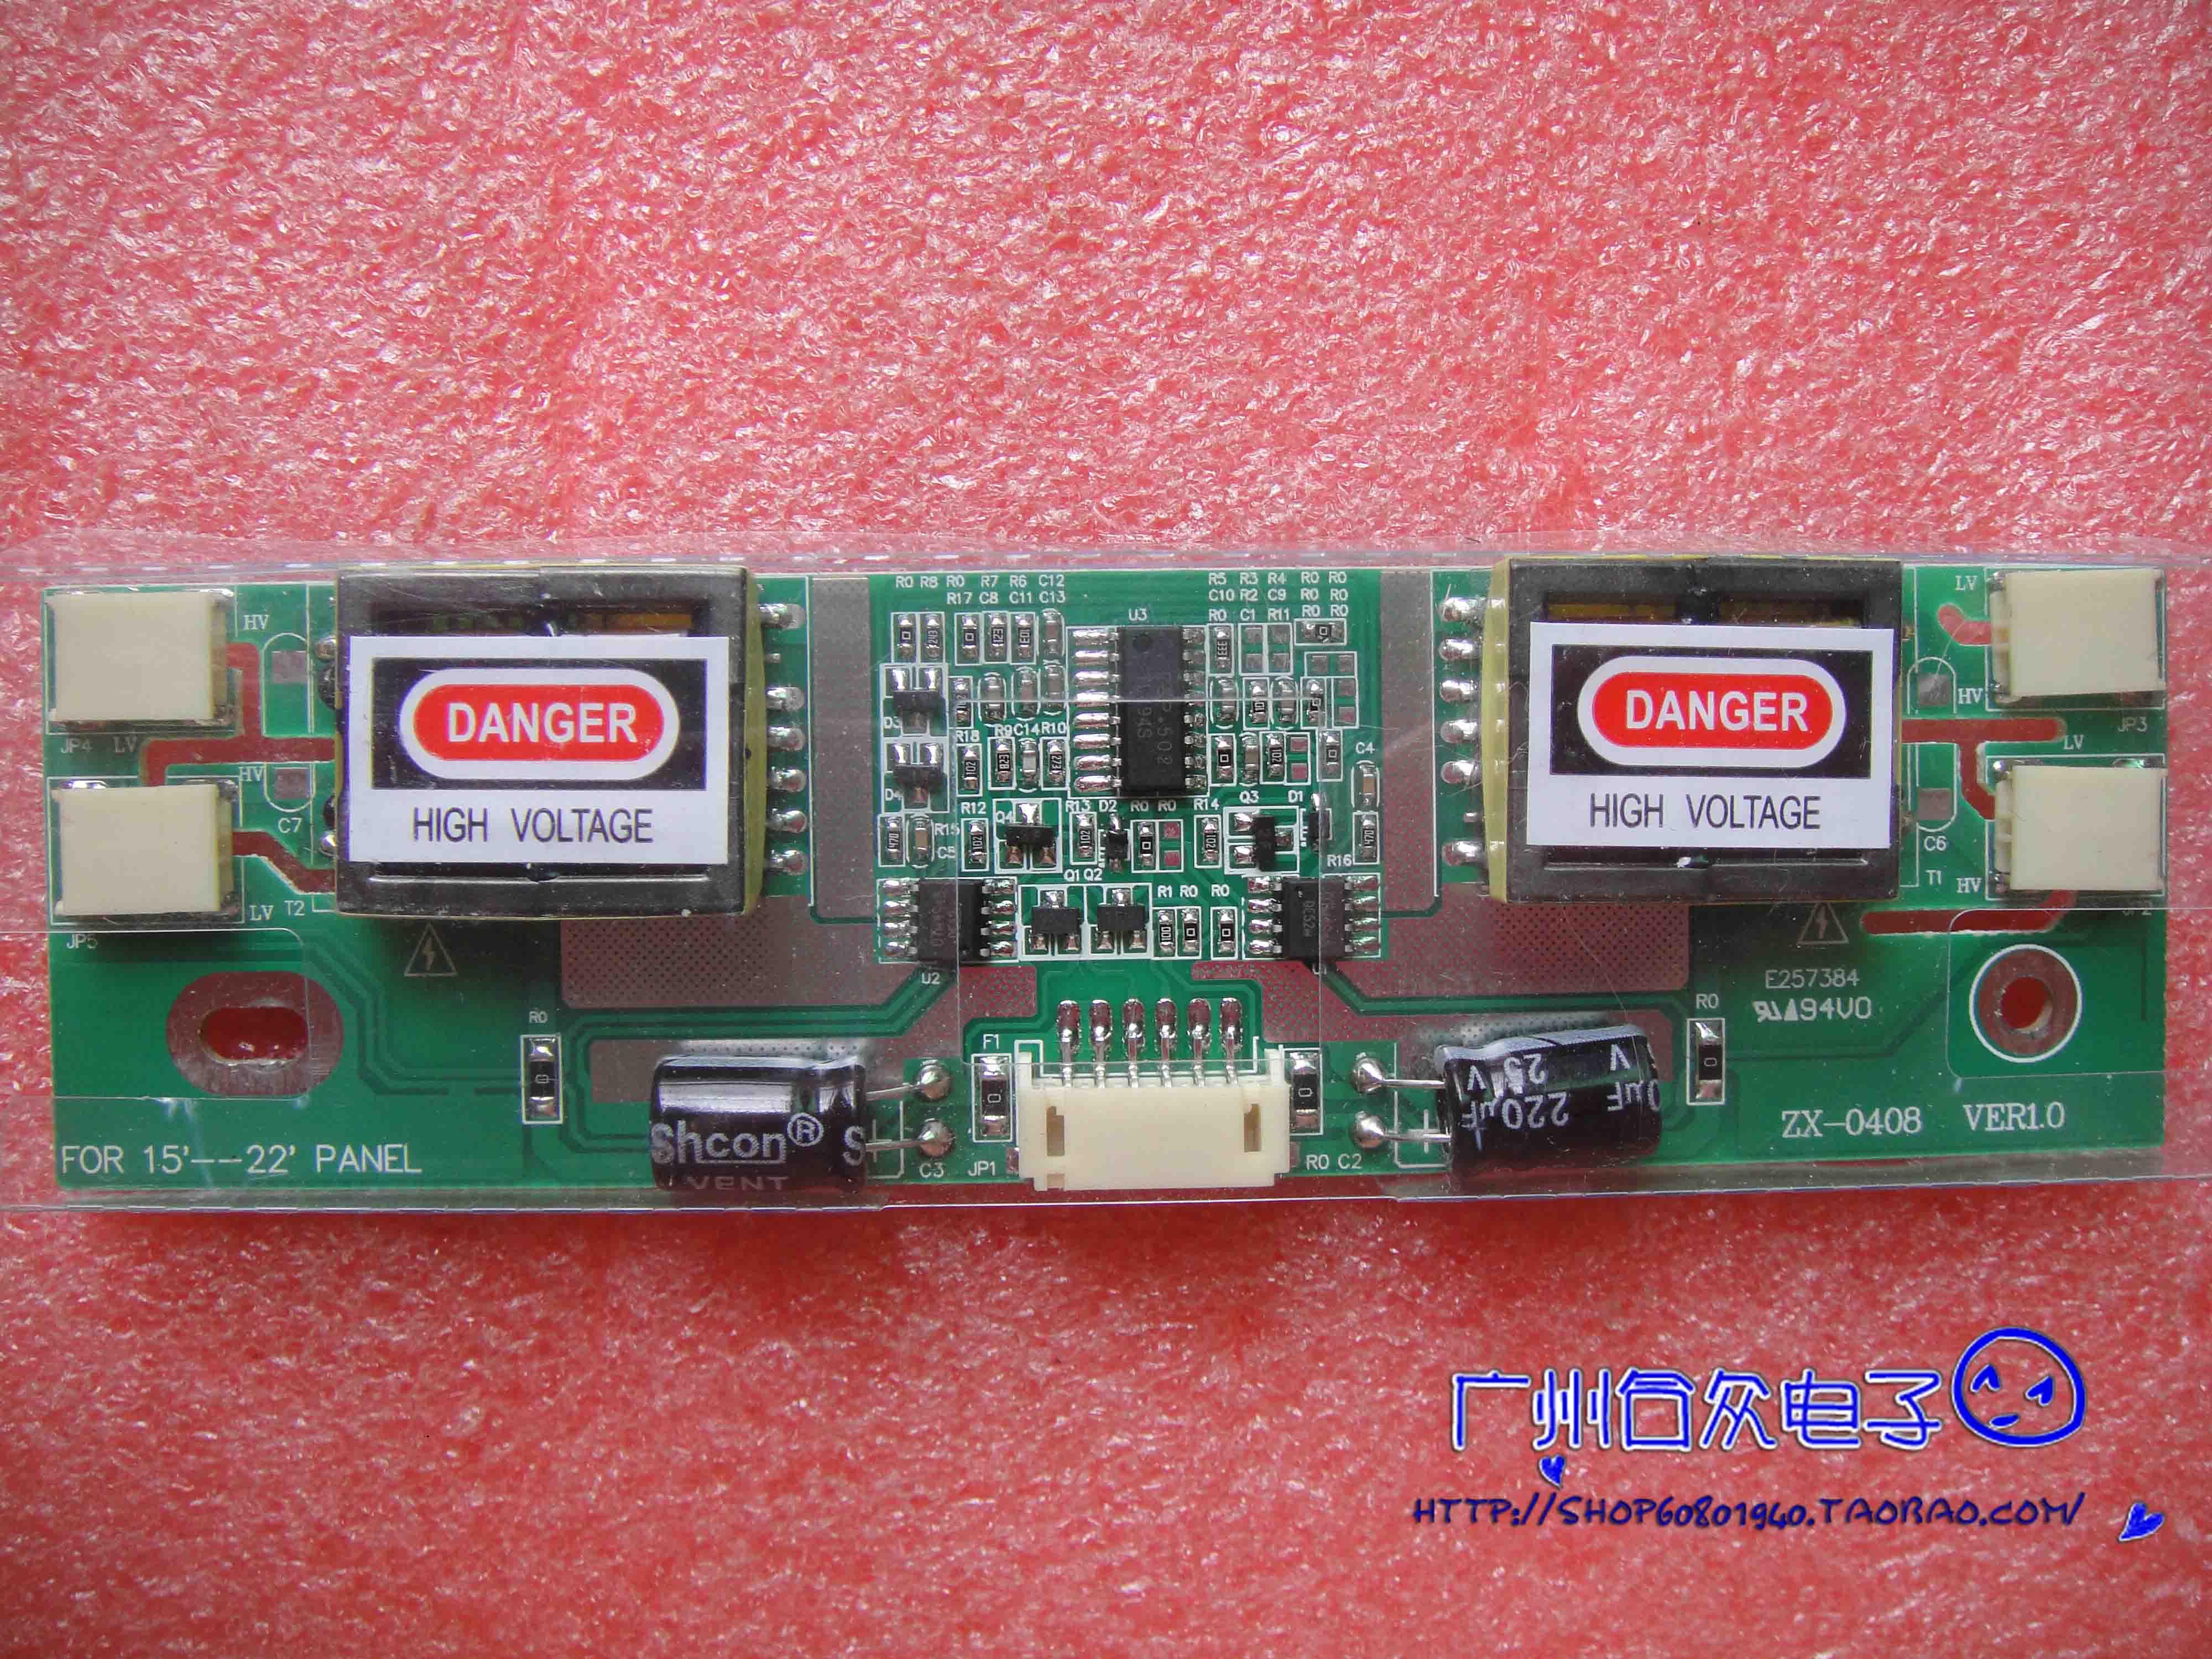 12V 四灯小口高压板ZX-0408 VER1.0 E257384 94V0 高压条 15-22寸